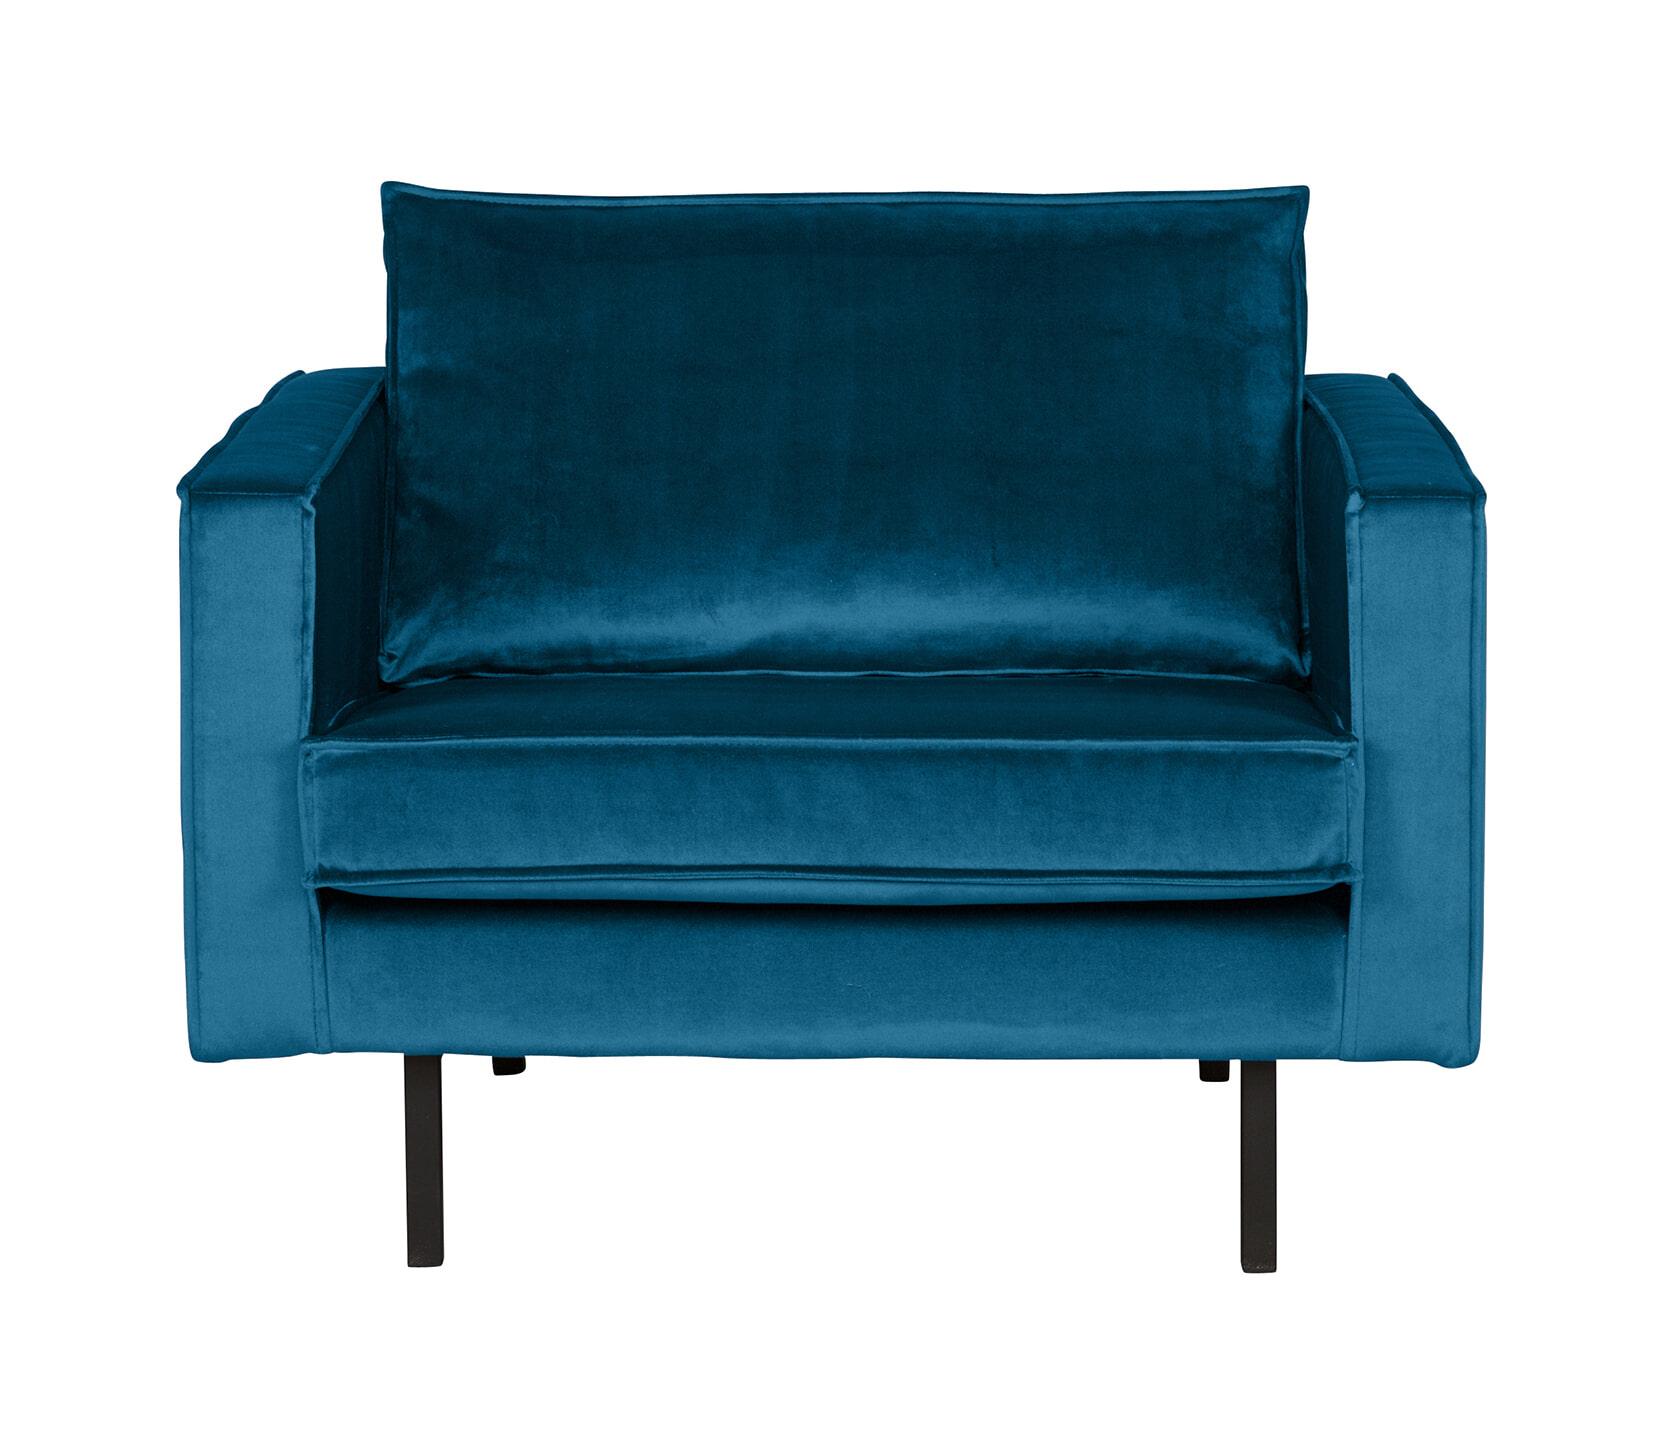 BePureHome Fauteuil 'Rodeo' Velvet, kleur Blauw Zitmeubelen | Fauteuils vergelijken doe je het voordeligst hier bij Meubelpartner